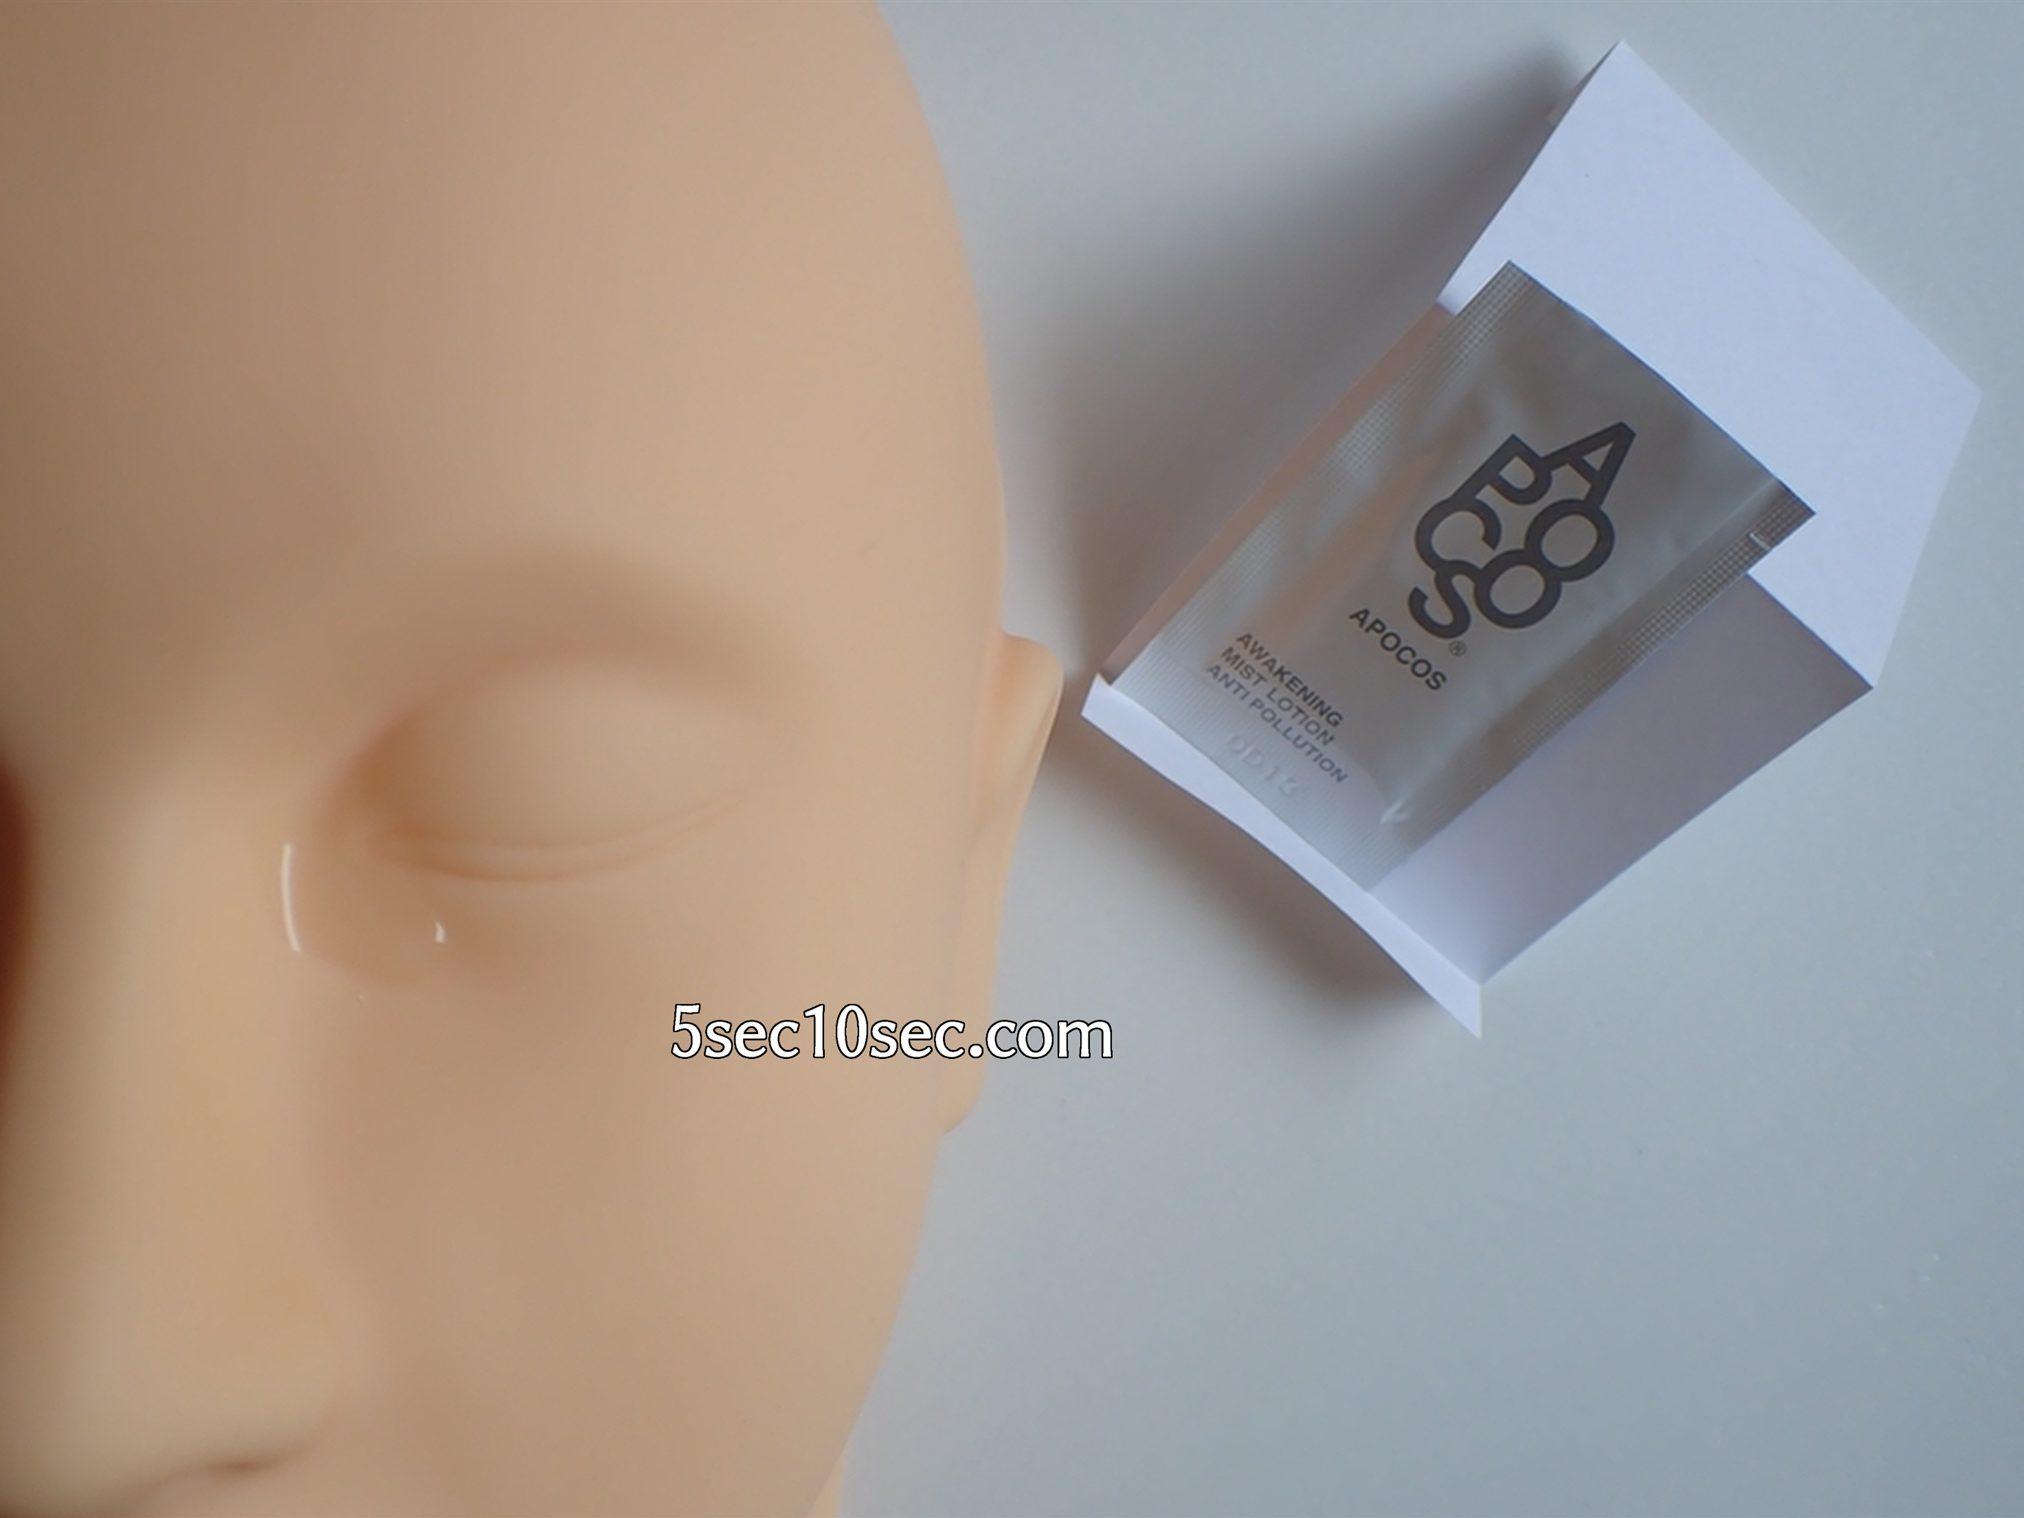 アポコス トライアルキット AP アウェイクニング ミストローション  化粧水 使用写真